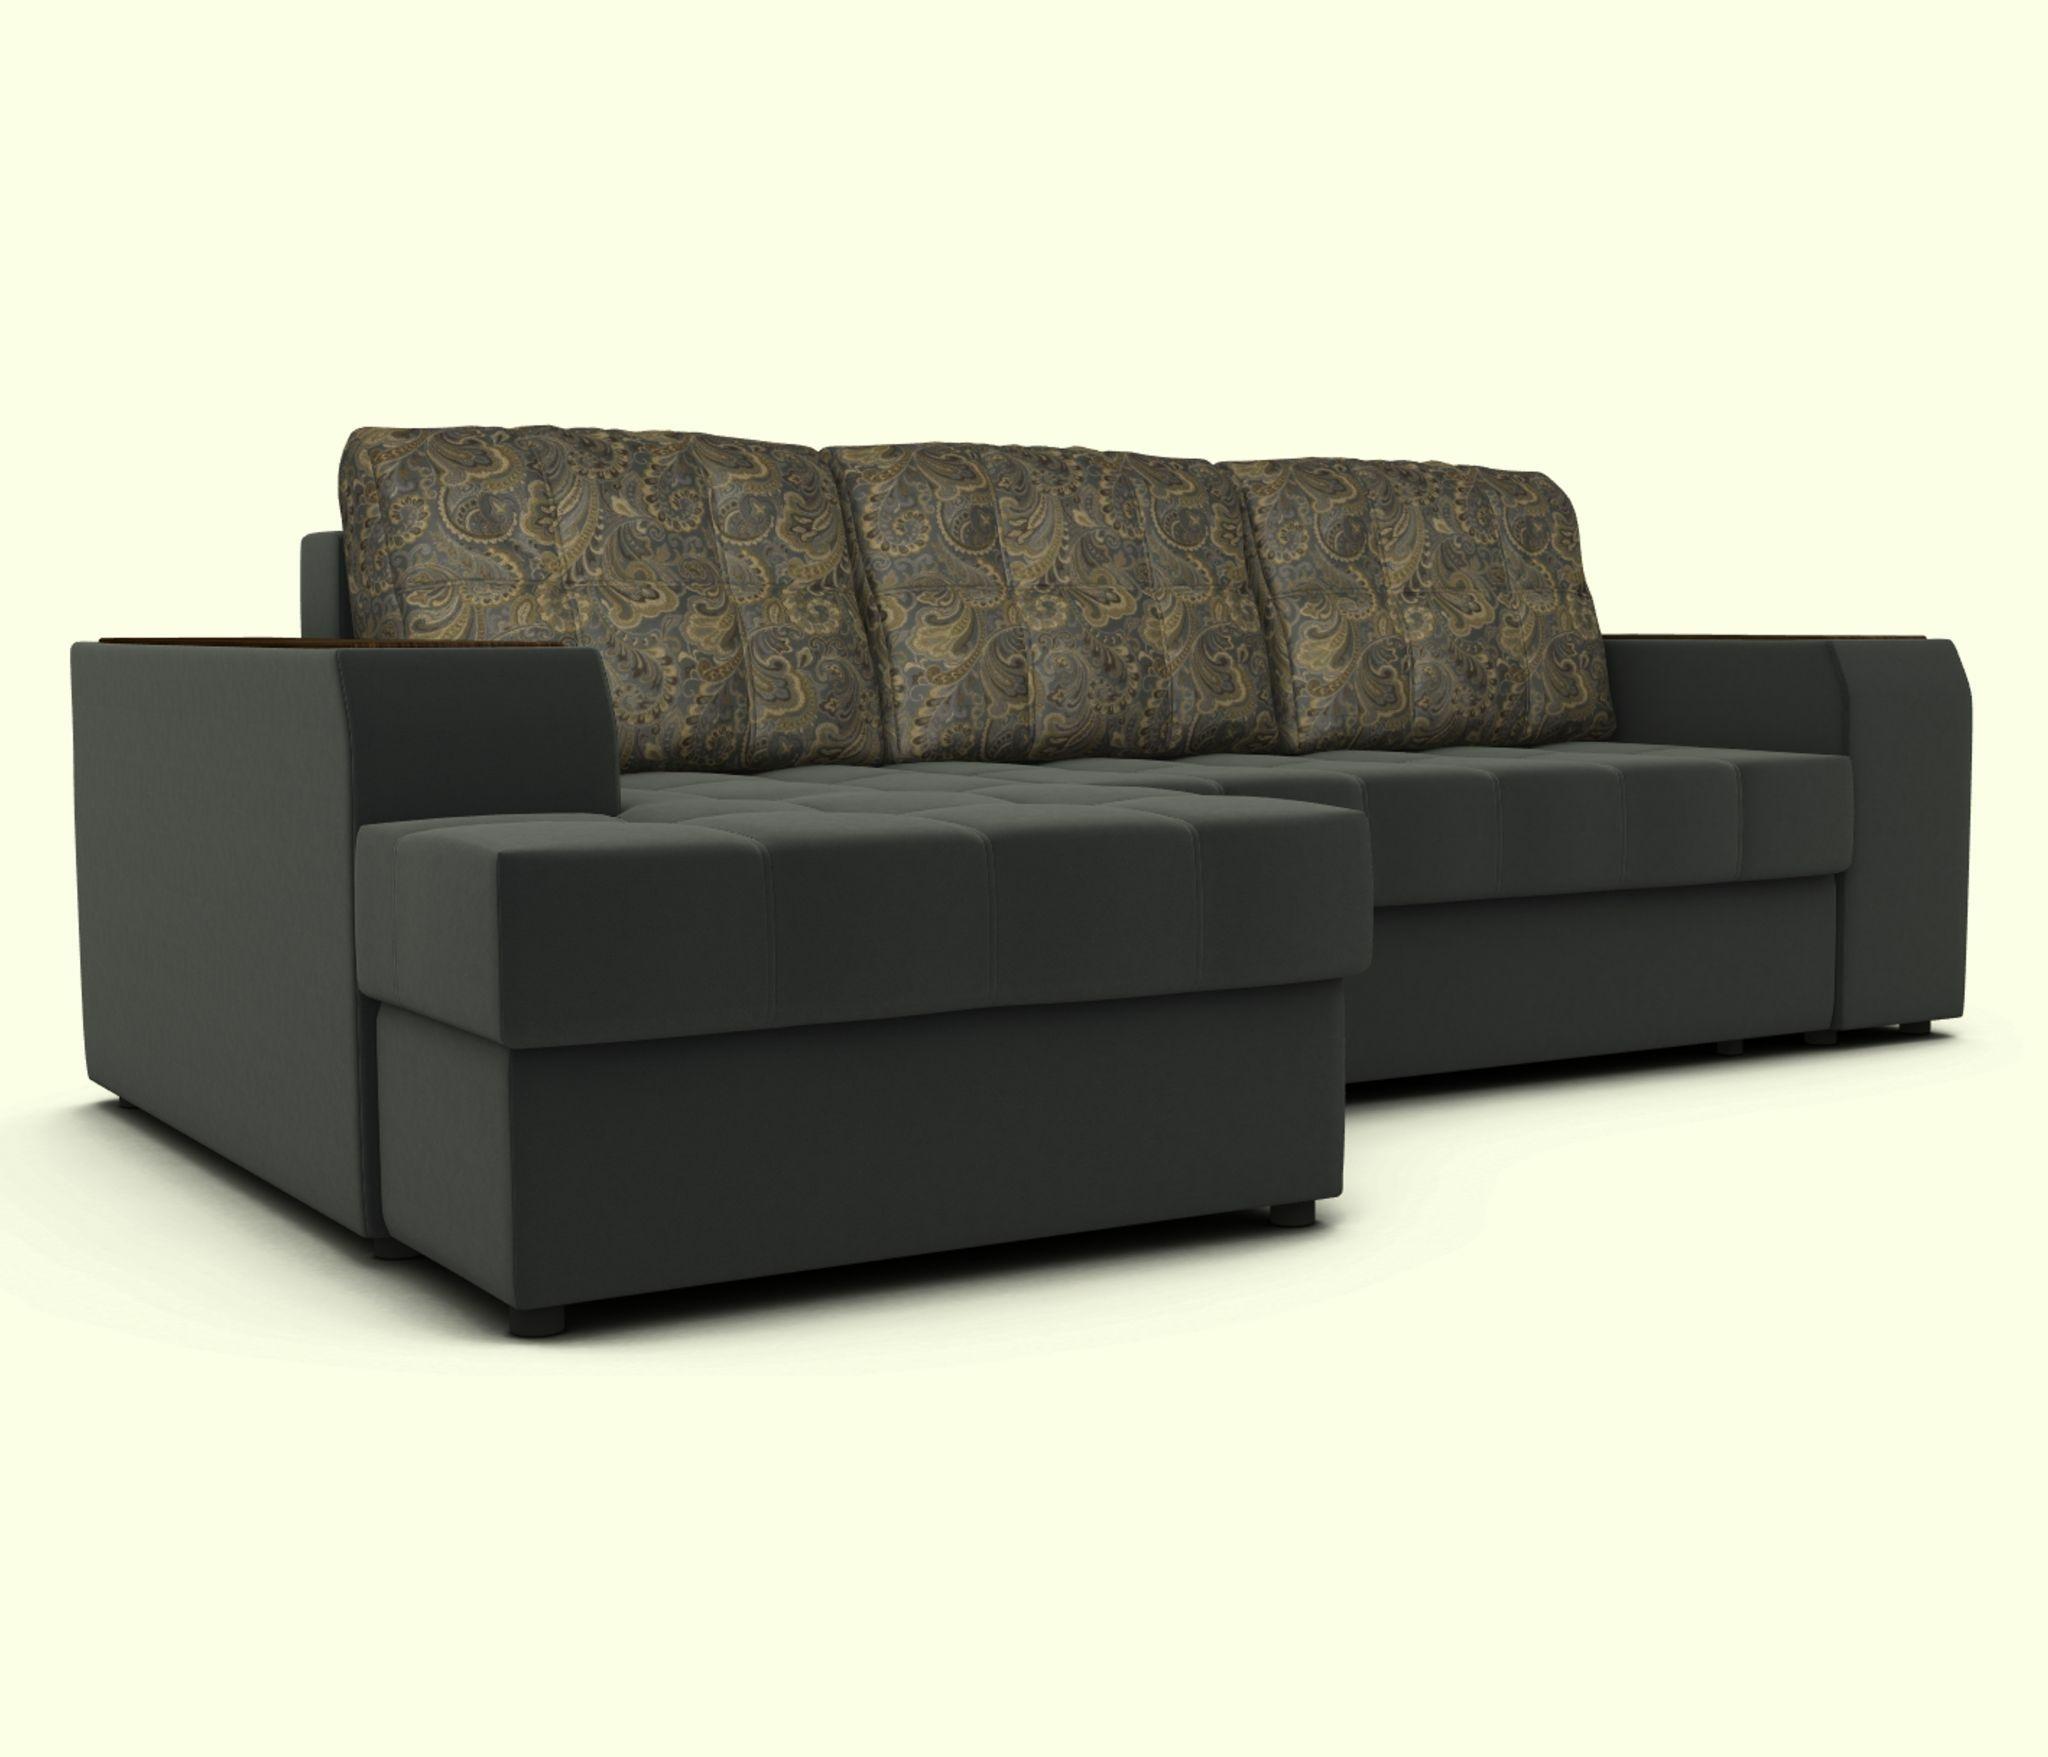 Угловой диван ЭДИНБУРГ с оттоманкой левый Столплит R0000248524